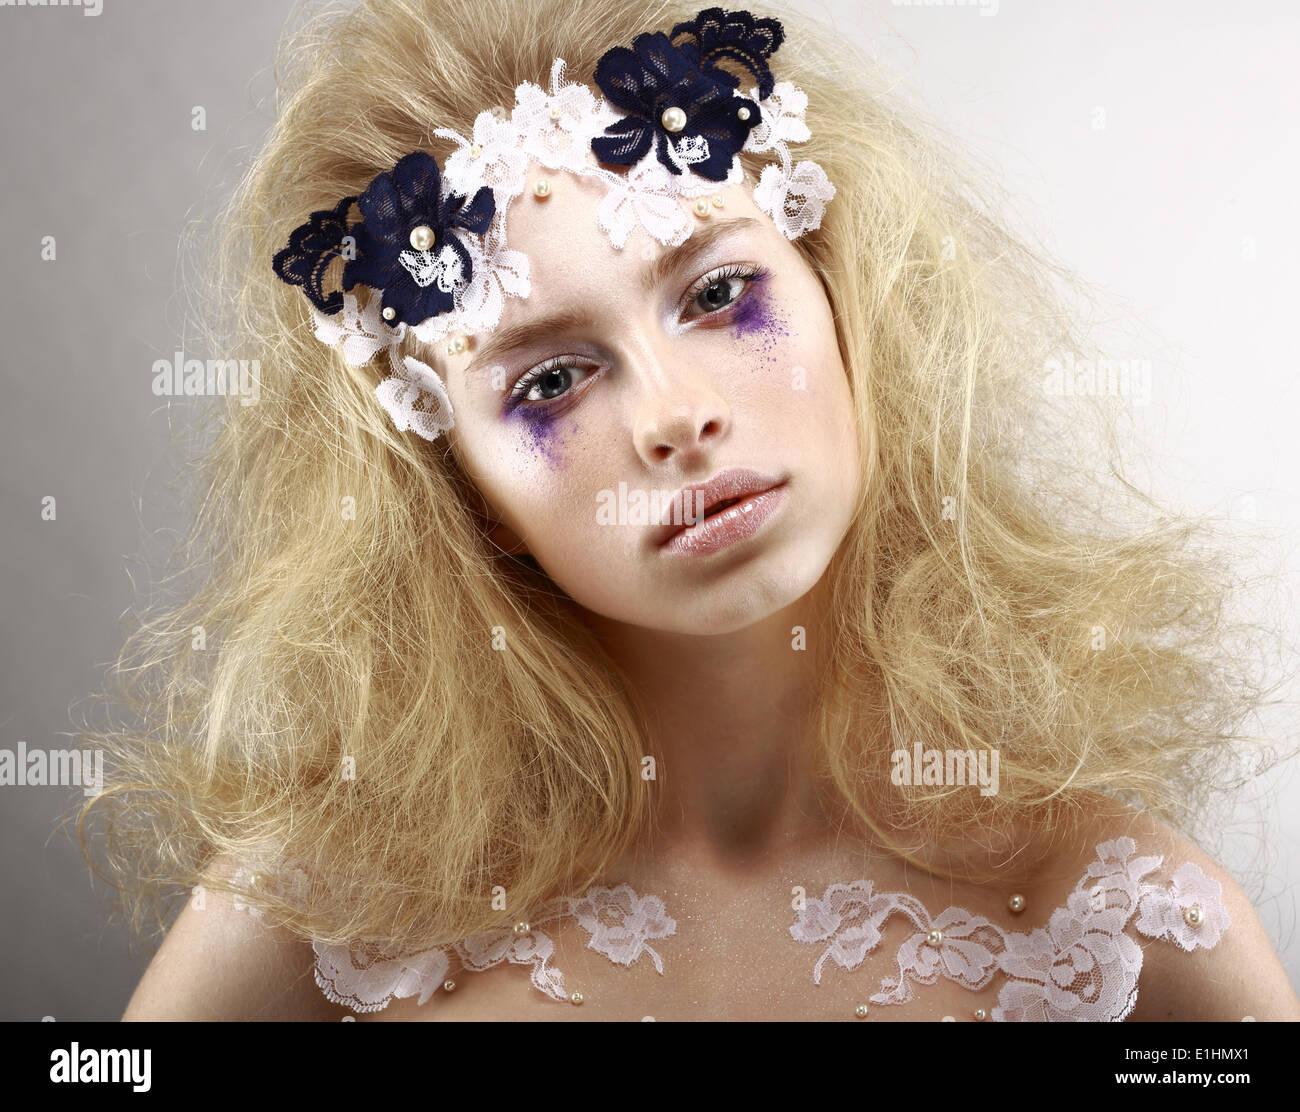 Young gestylt blond mit bunten Make-up - blauen Lidschatten. Kunst Stockbild